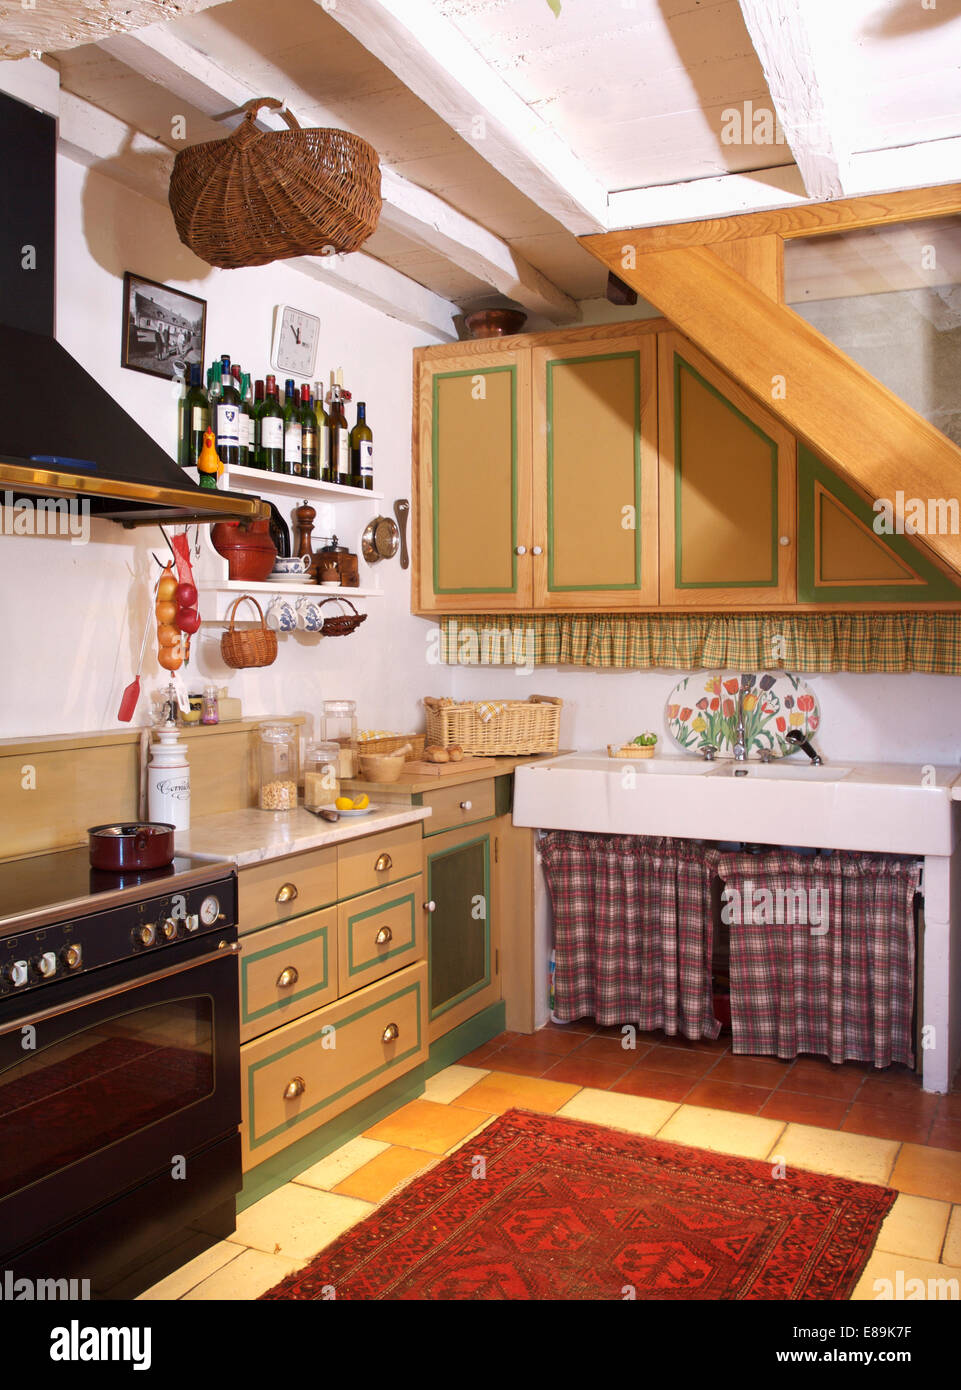 Ungewöhnlich Bauernküche Australien Sinken Bilder - Küche Set Ideen ...